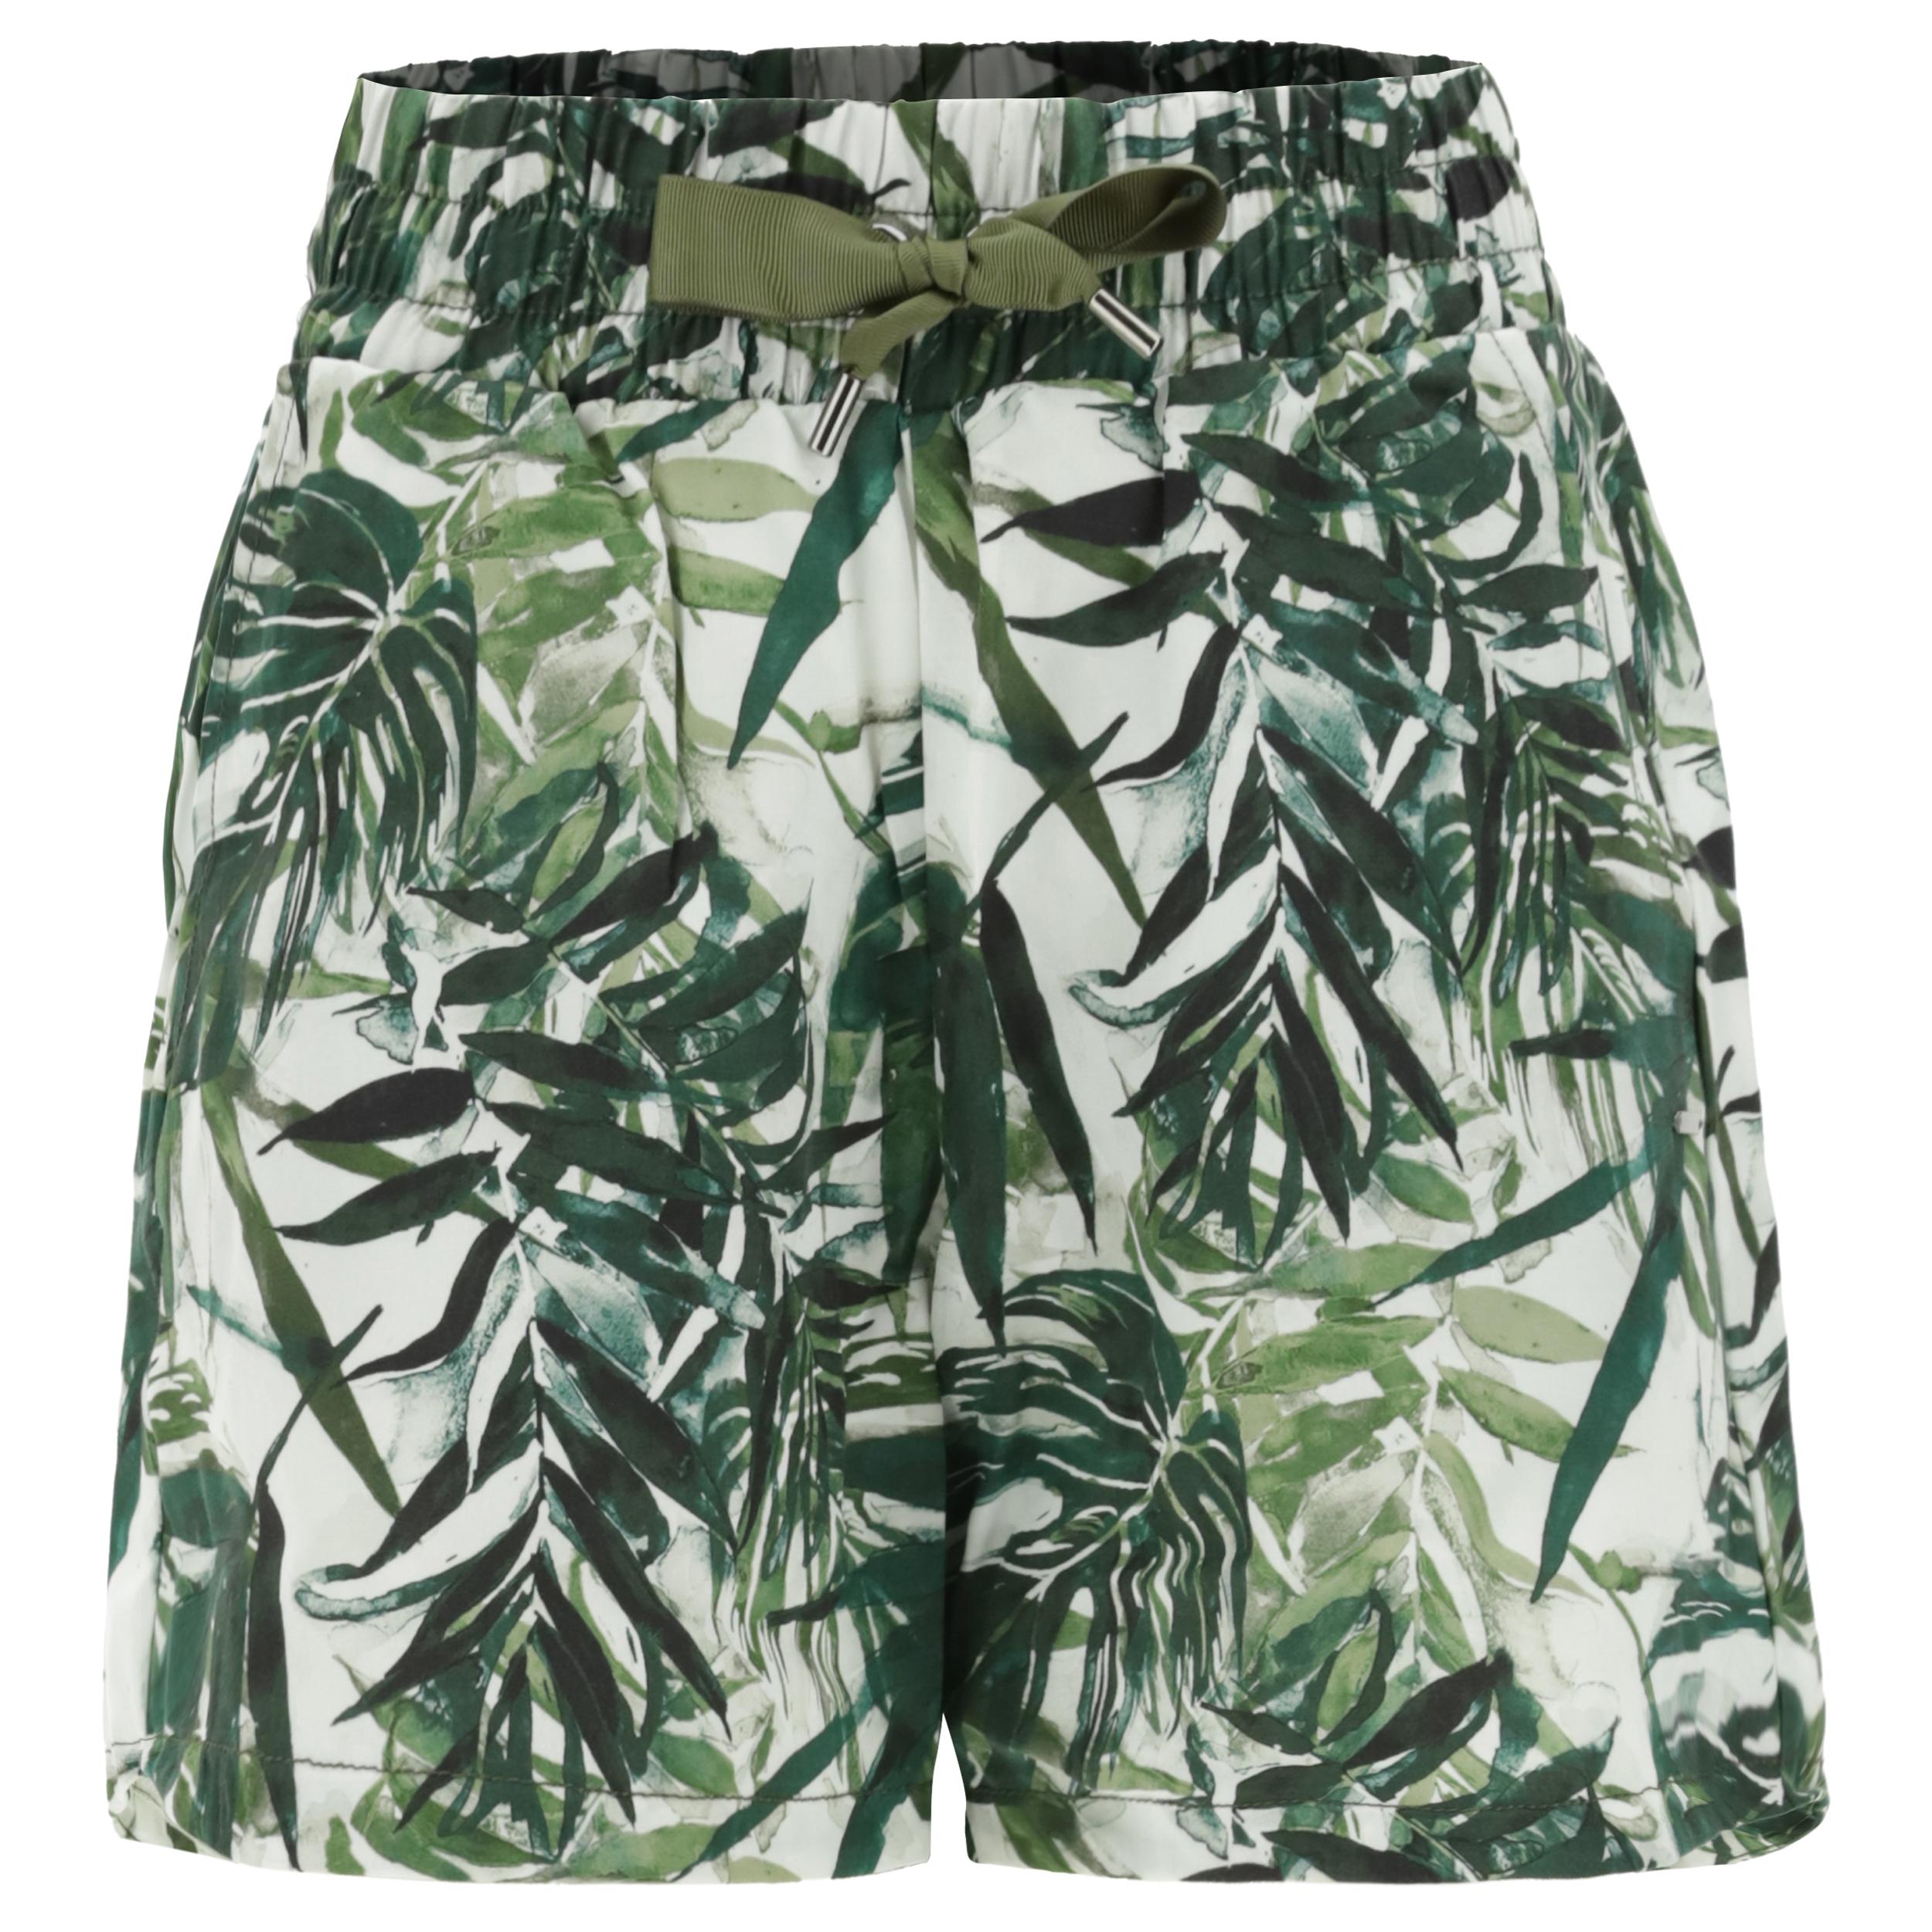 Shorts in fibra vegetale a fantasia foliage tropical